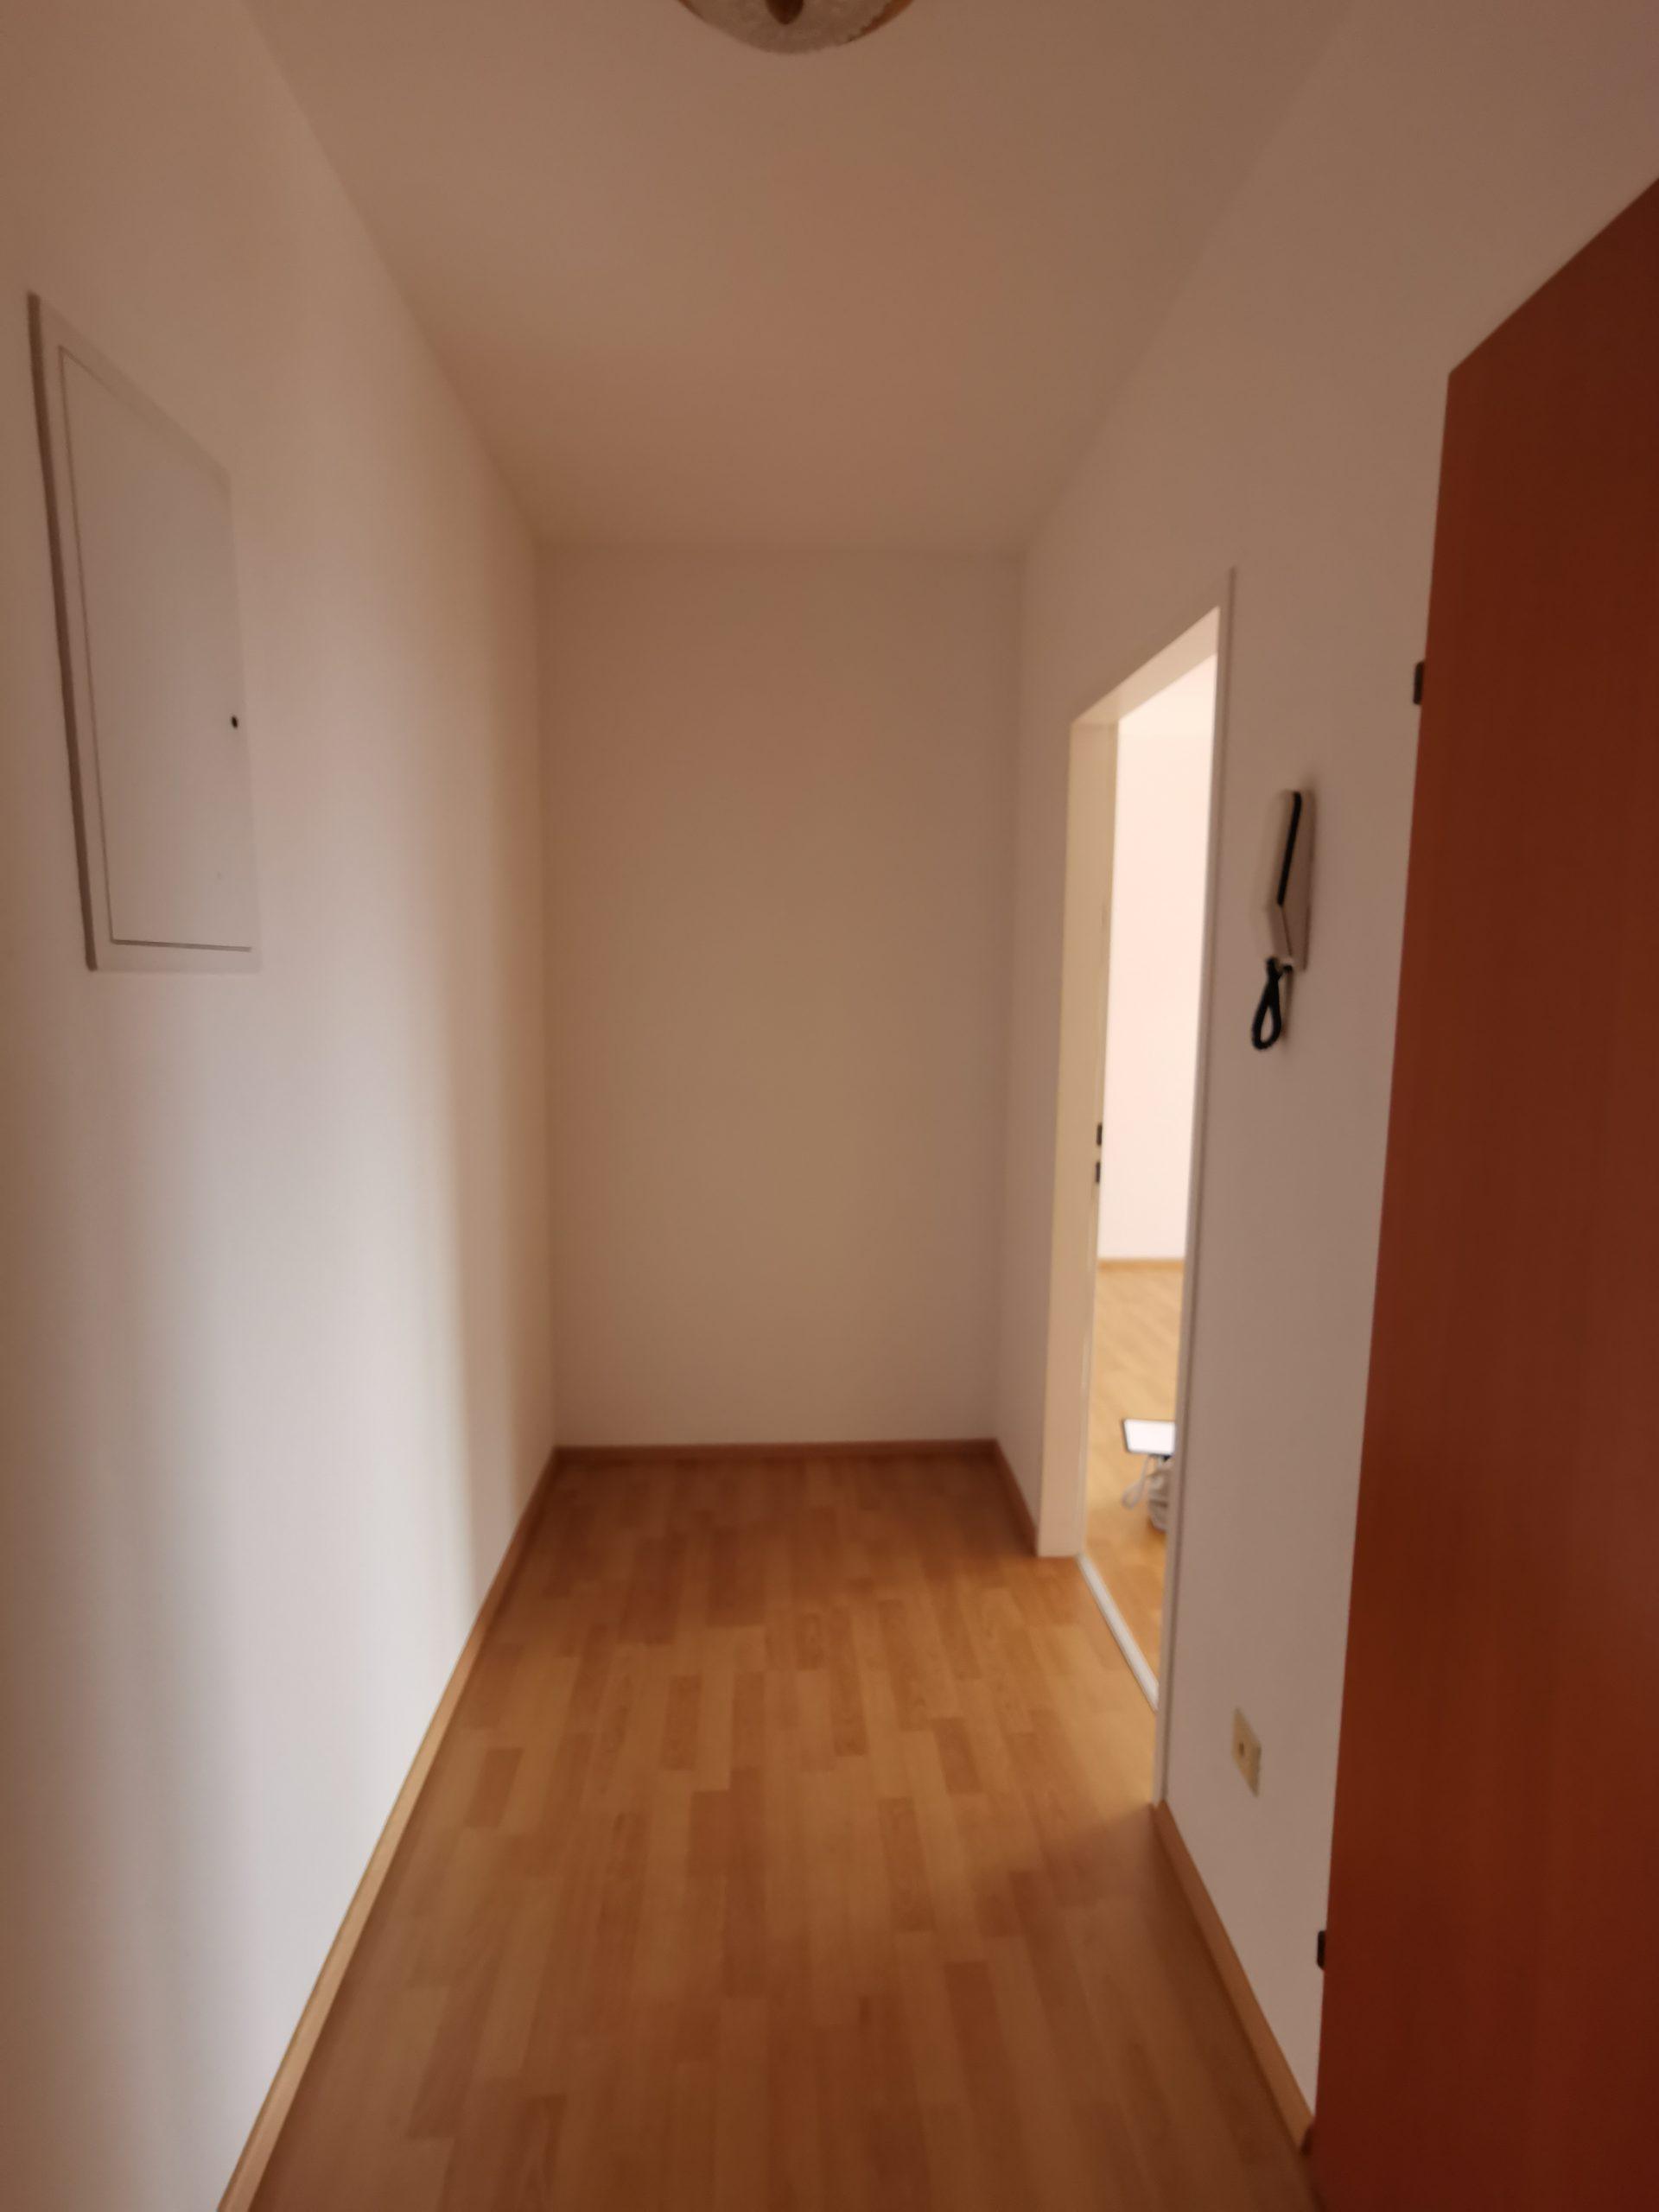 Immobilie von Kamptal in 3712 Maissau, Hollabrunn, Maissau II - Top 8 #1